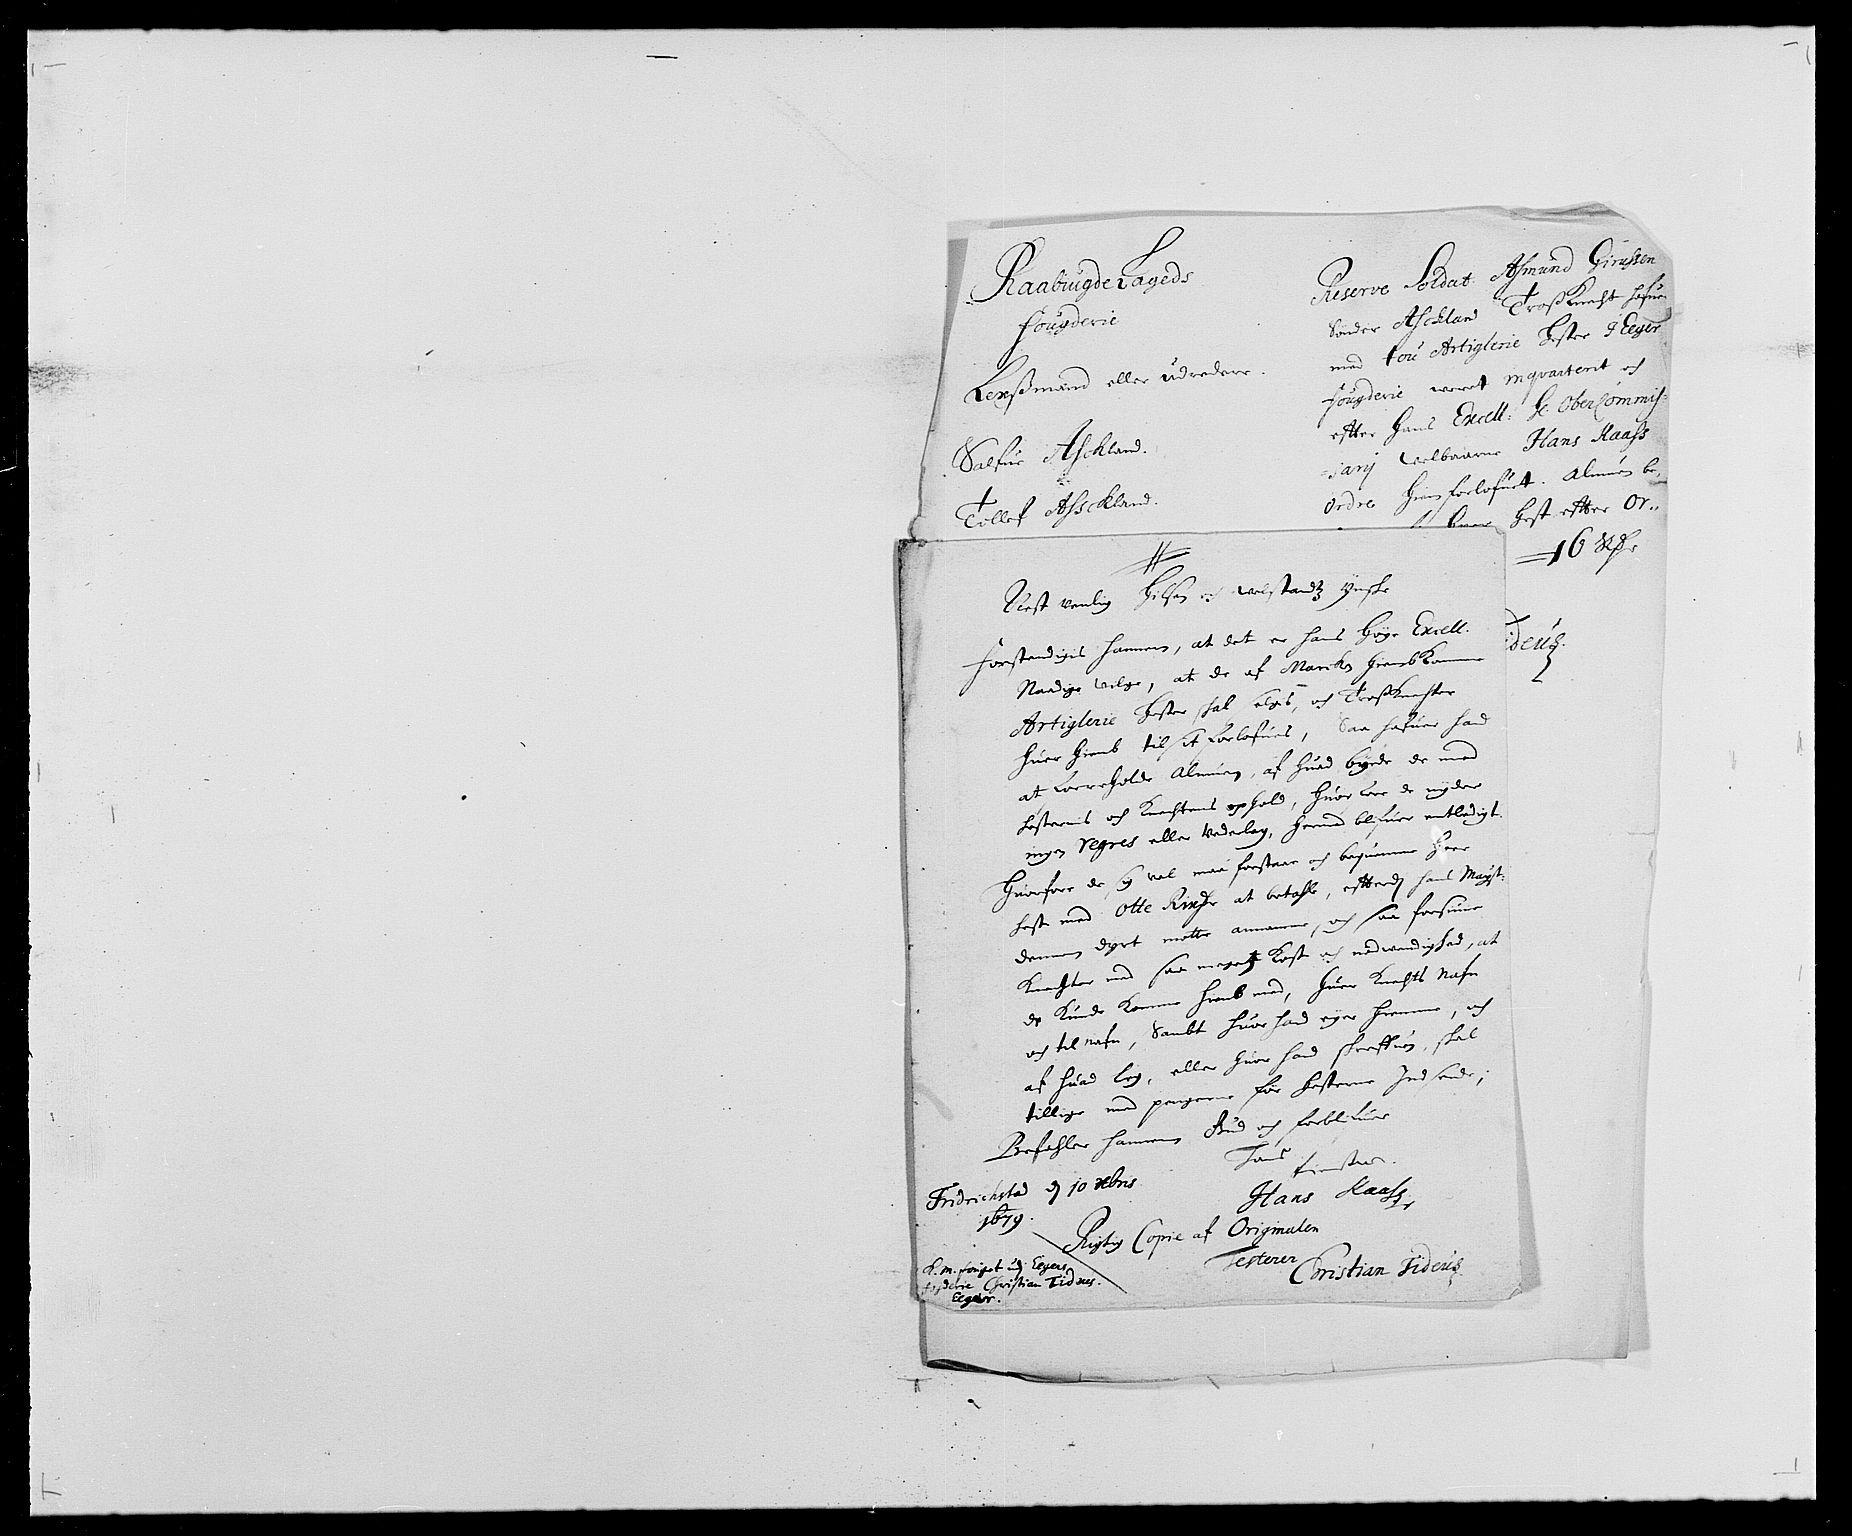 RA, Rentekammeret inntil 1814, Reviderte regnskaper, Fogderegnskap, R26/L1684: Fogderegnskap Eiker, 1679-1686, s. 87